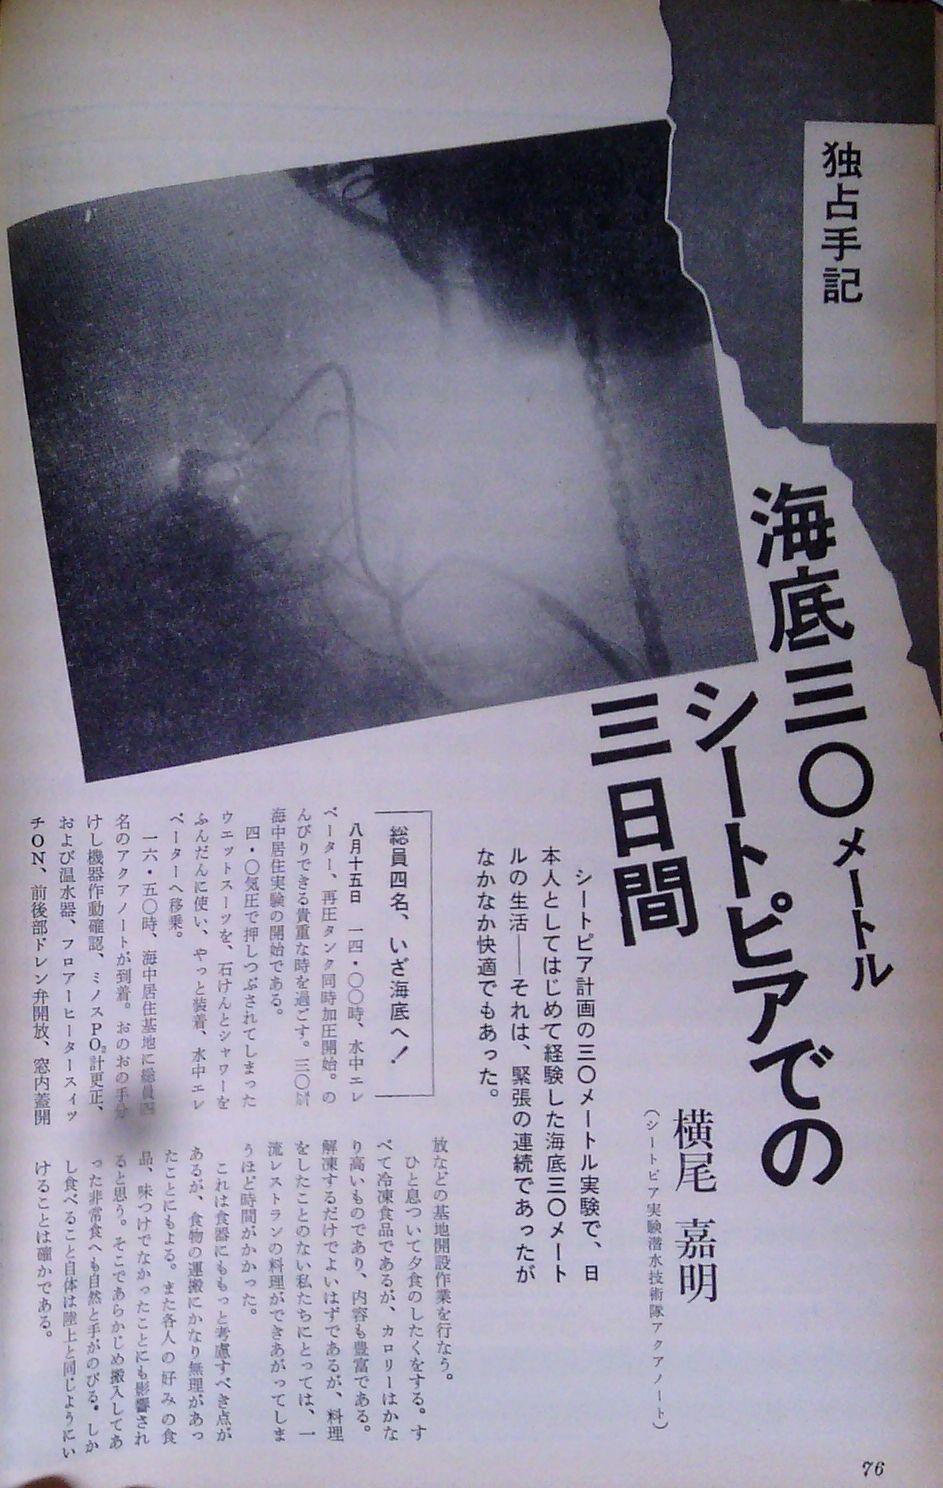 0328 ダイビングの歴史 60 海の世界72年5/10_b0075059_16491315.jpg